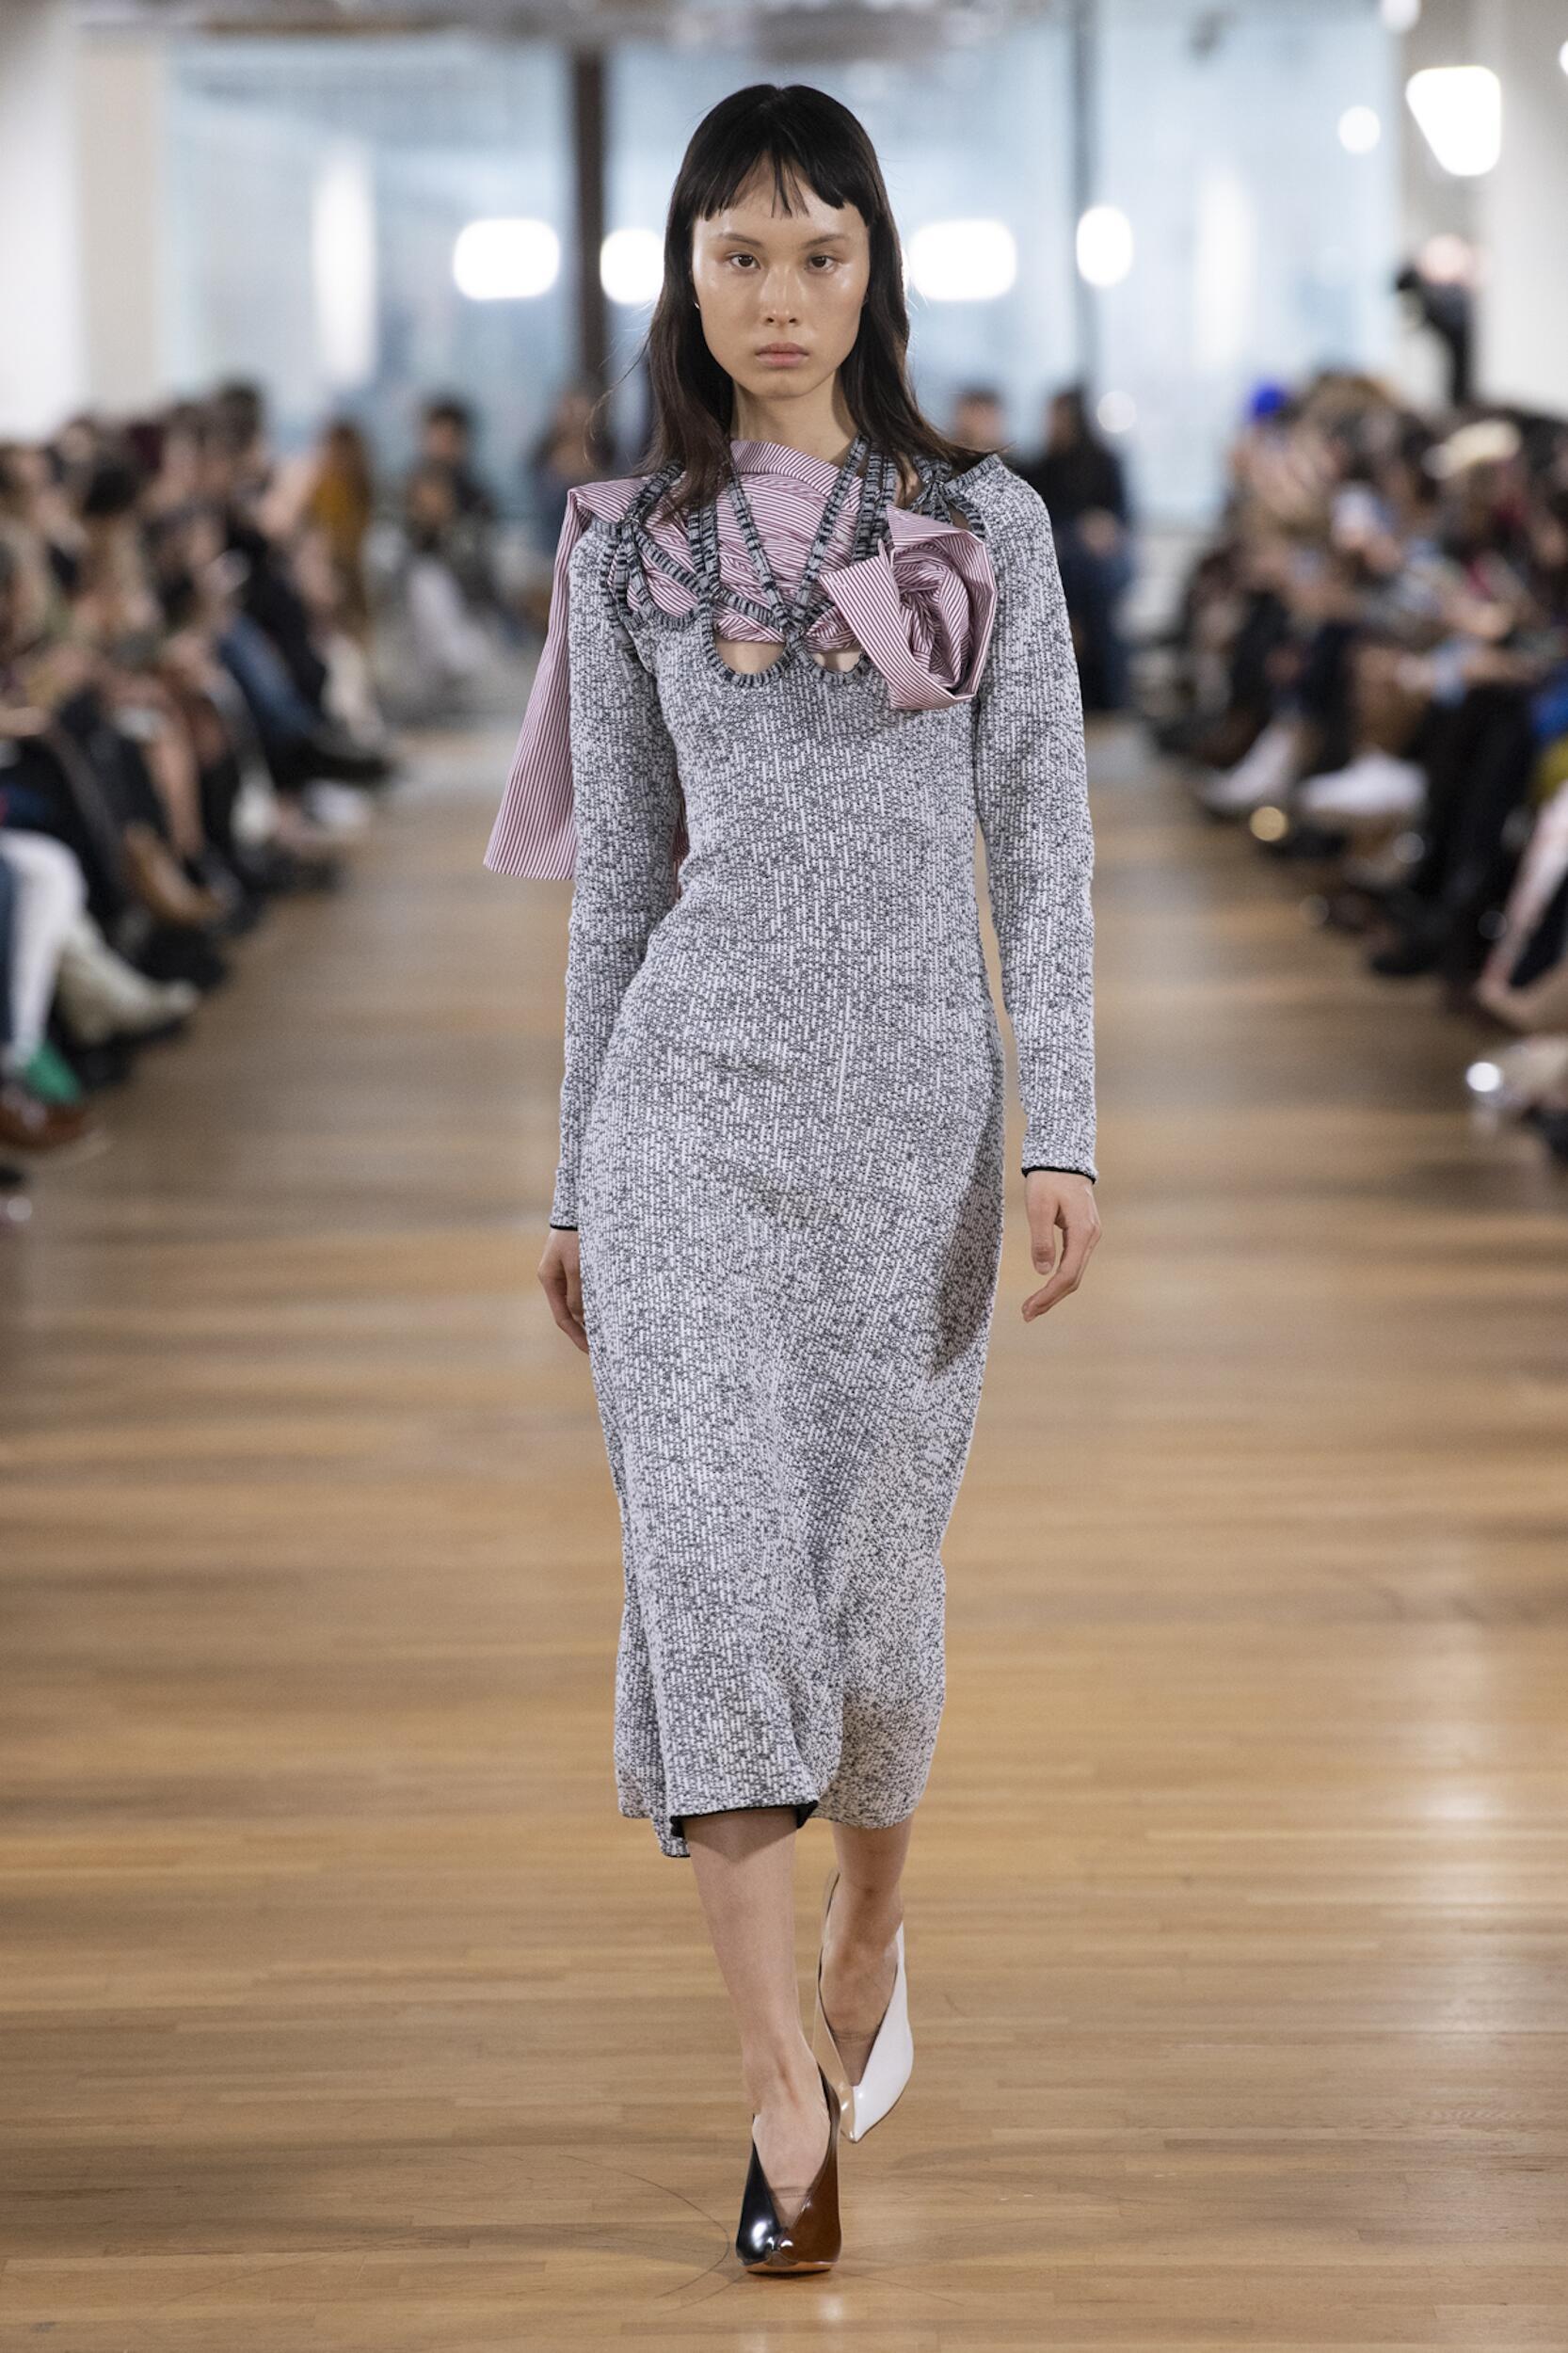 Fashion Model Y/Project Catwalk